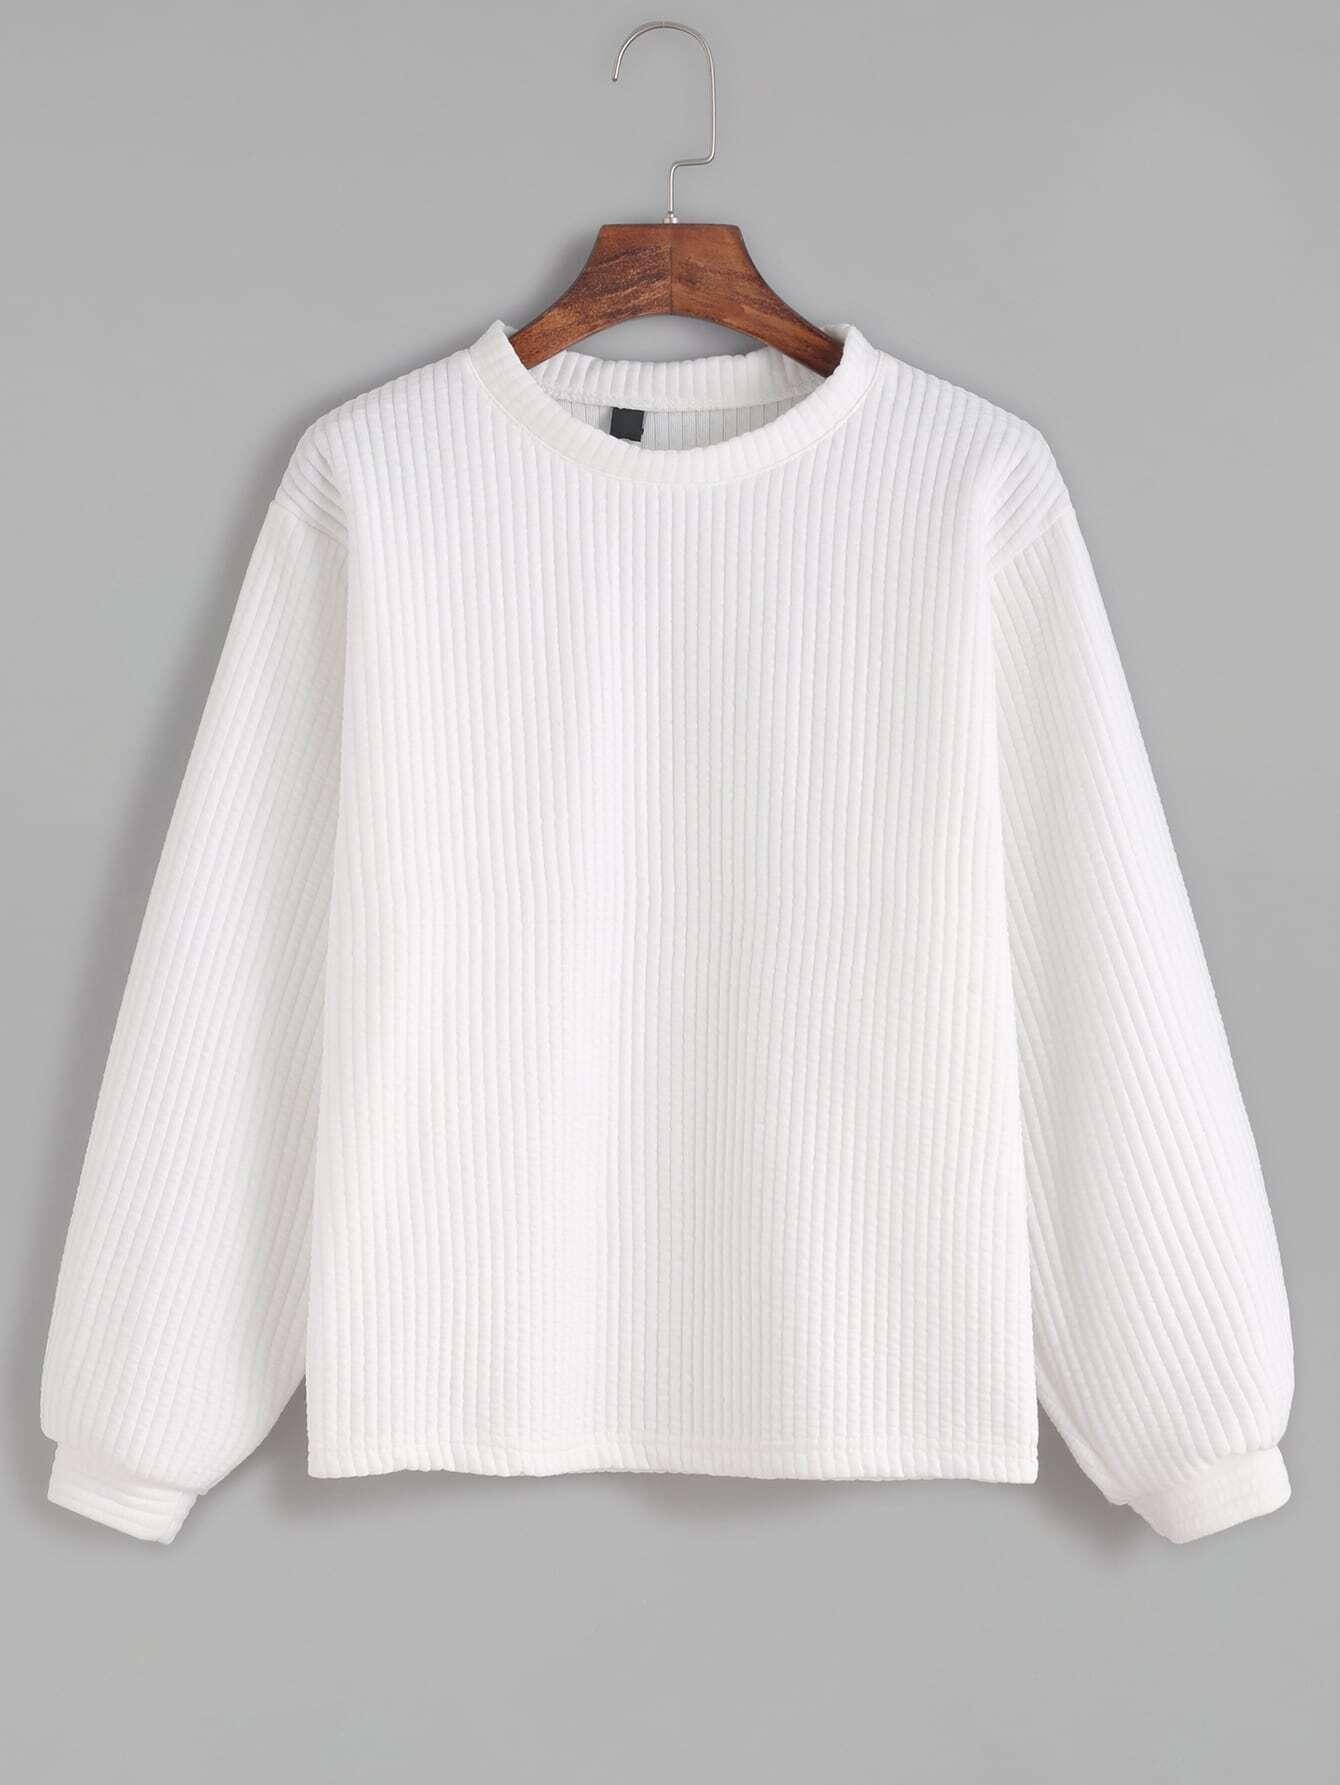 White Long Sleeve Ribbed Sweatshirt sweatshirt160927103